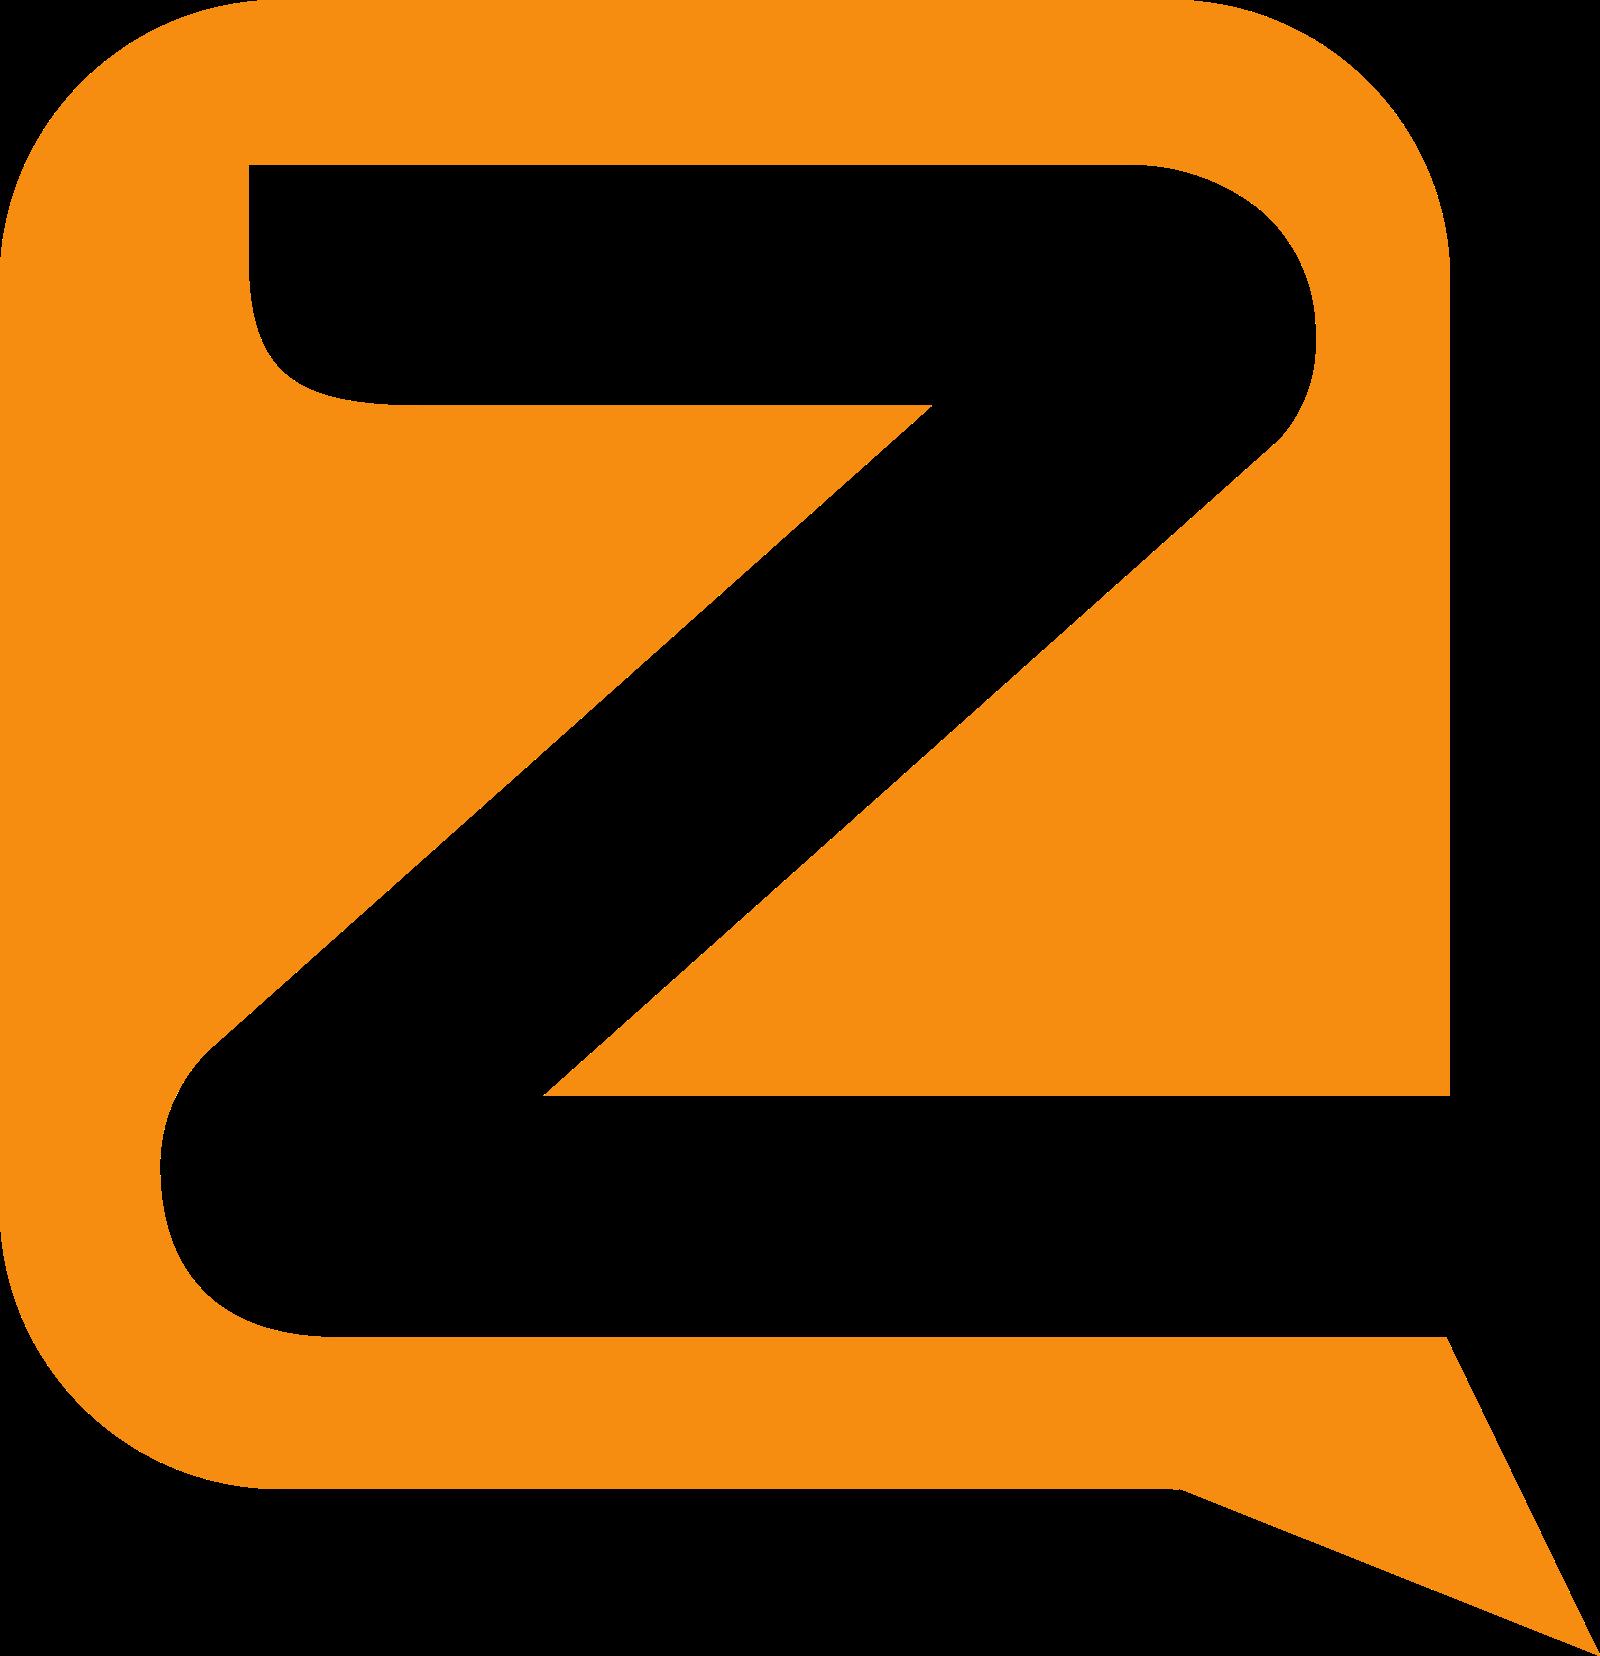 zello logo 5 - Zello Logo